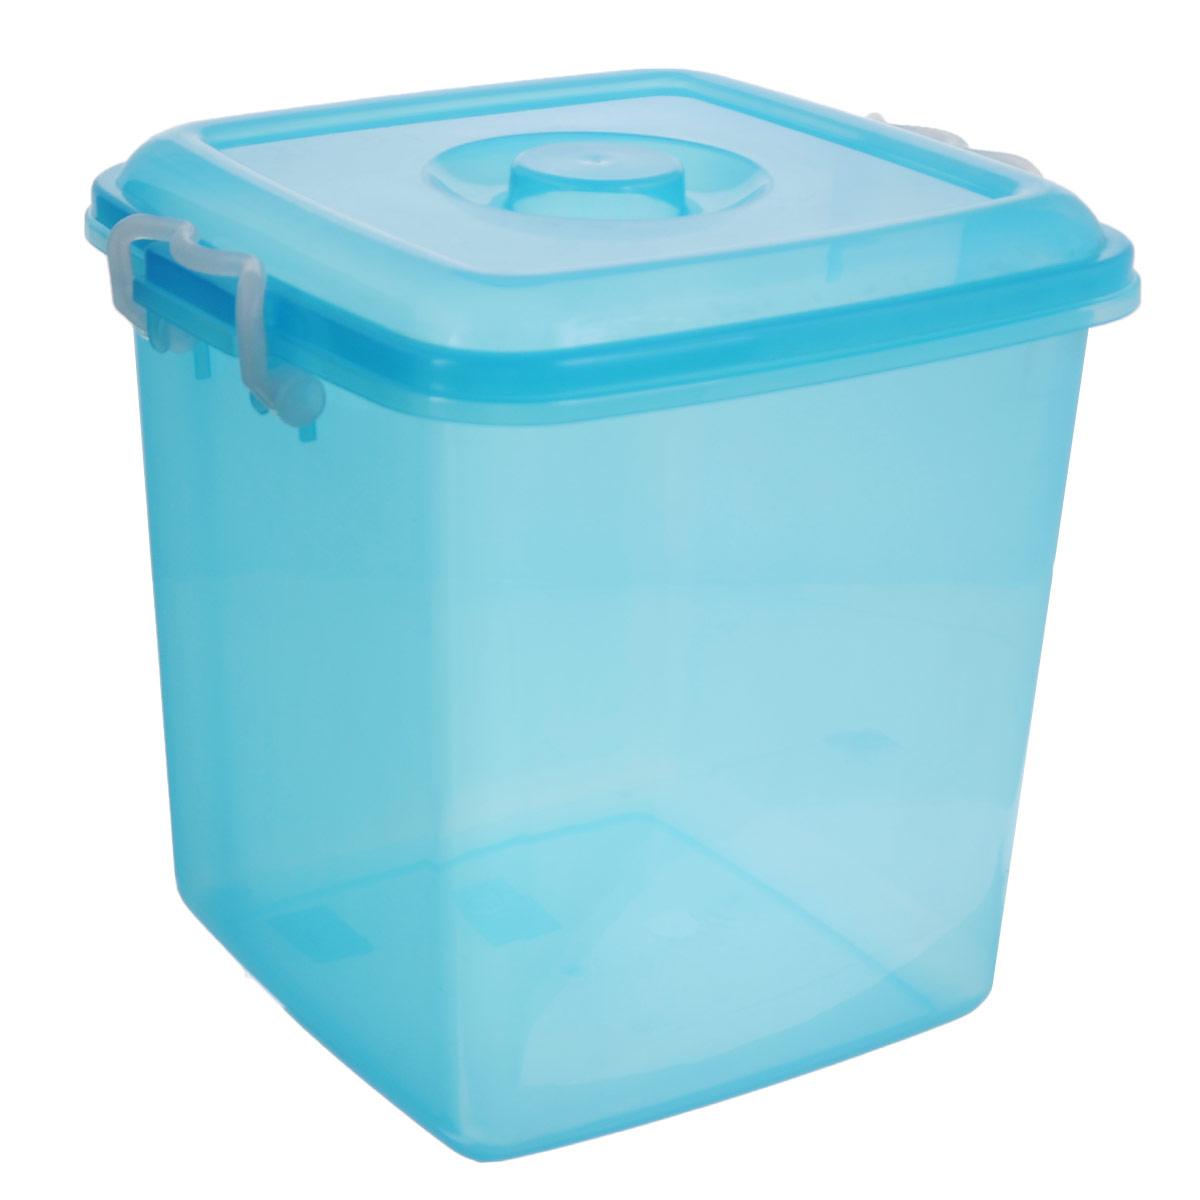 Контейнер для хранения Idea Океаник, цвет: голубой, 20 л контейнер для хранения idea деко бомбы 10 л